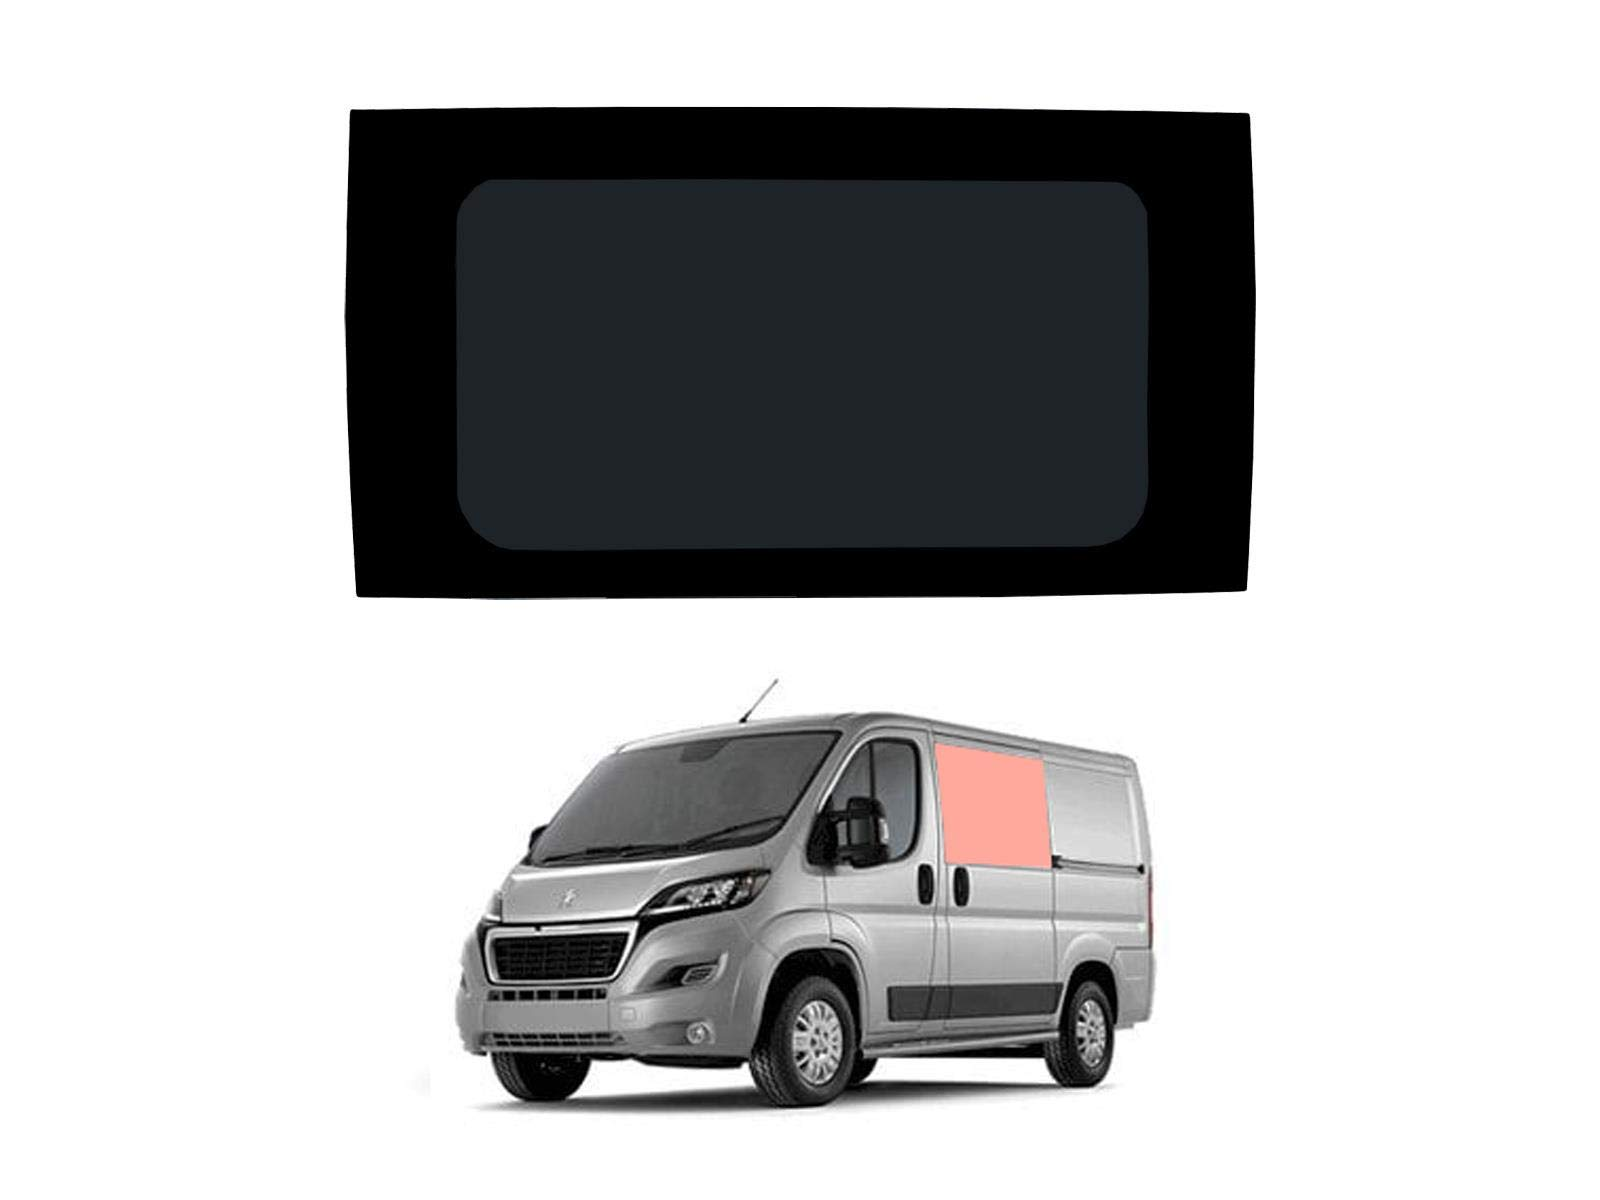 Mano izquierda, tintado oscuro fijo ventana para puerta corredera Peugeot Boxer (2006 on) [L1H1]: Amazon.es: Coche y moto